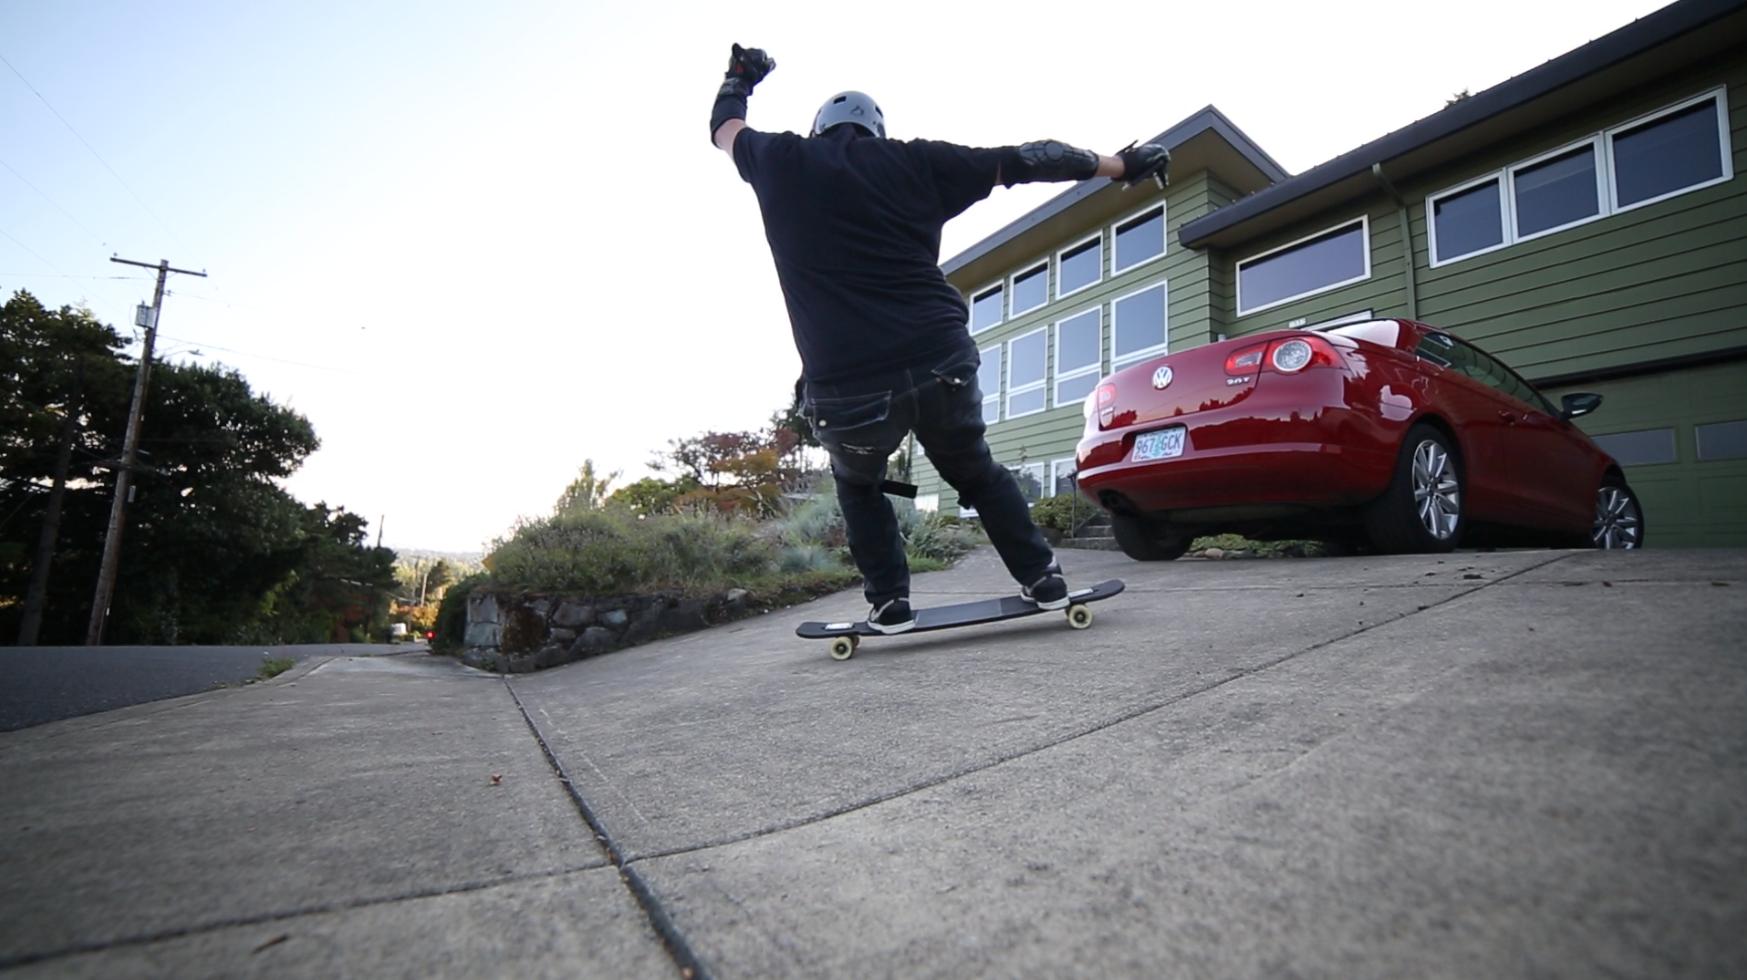 Frontside slide onto a banked driveway.